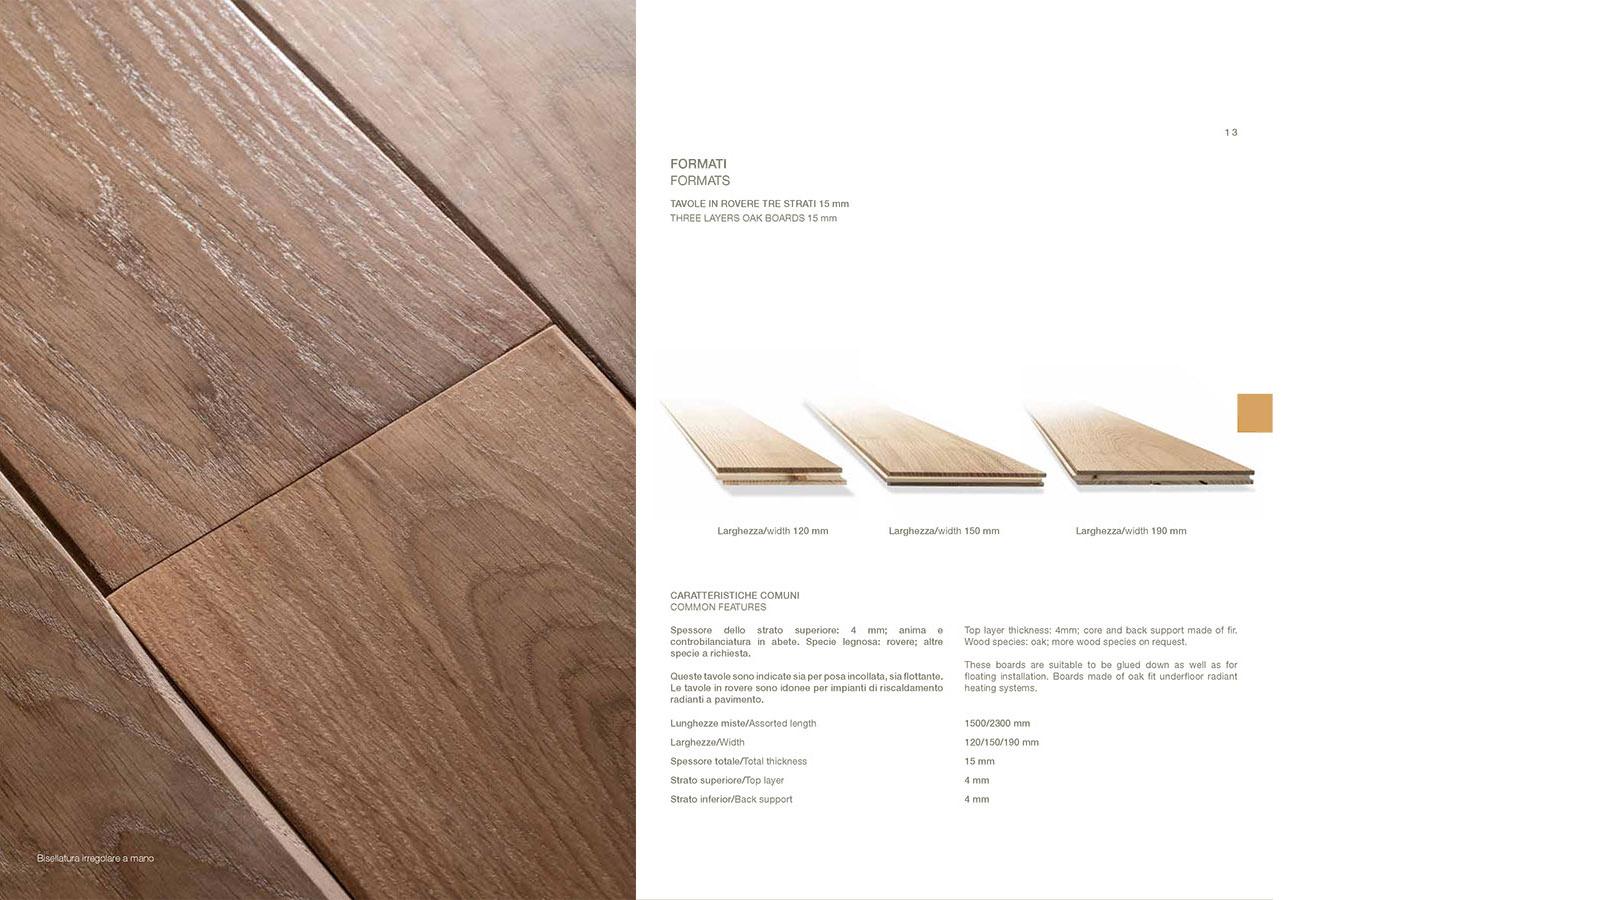 company-identity-catalog-and-sample-box-bellotti-formati